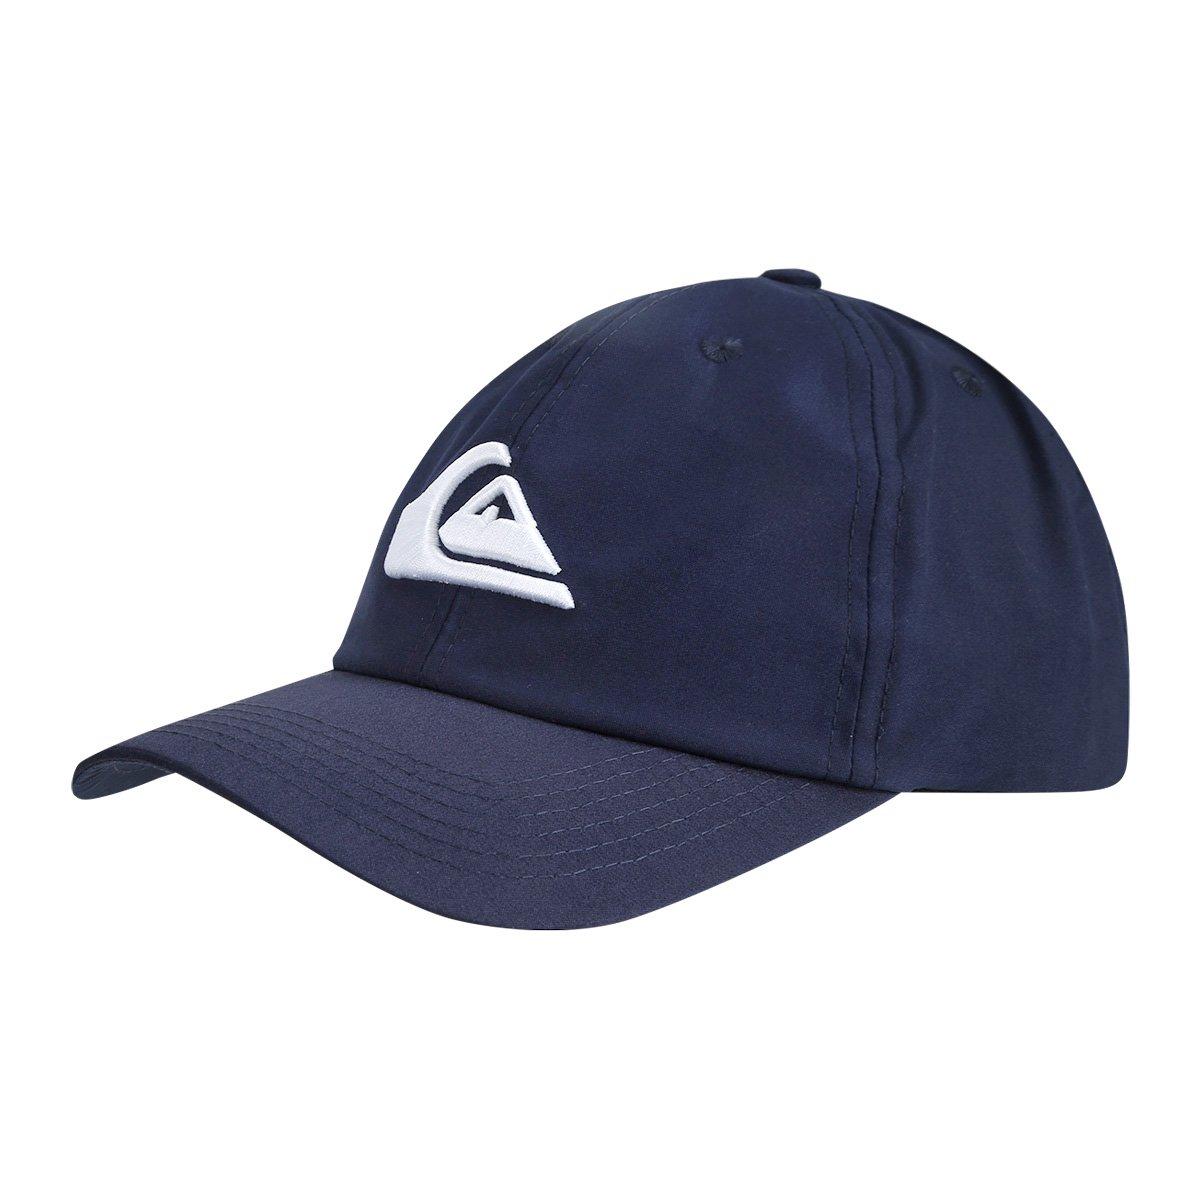 98f088f1d6b15 Boné Quiksilver Aba Curva Logo Micro Masculino - Compre Agora